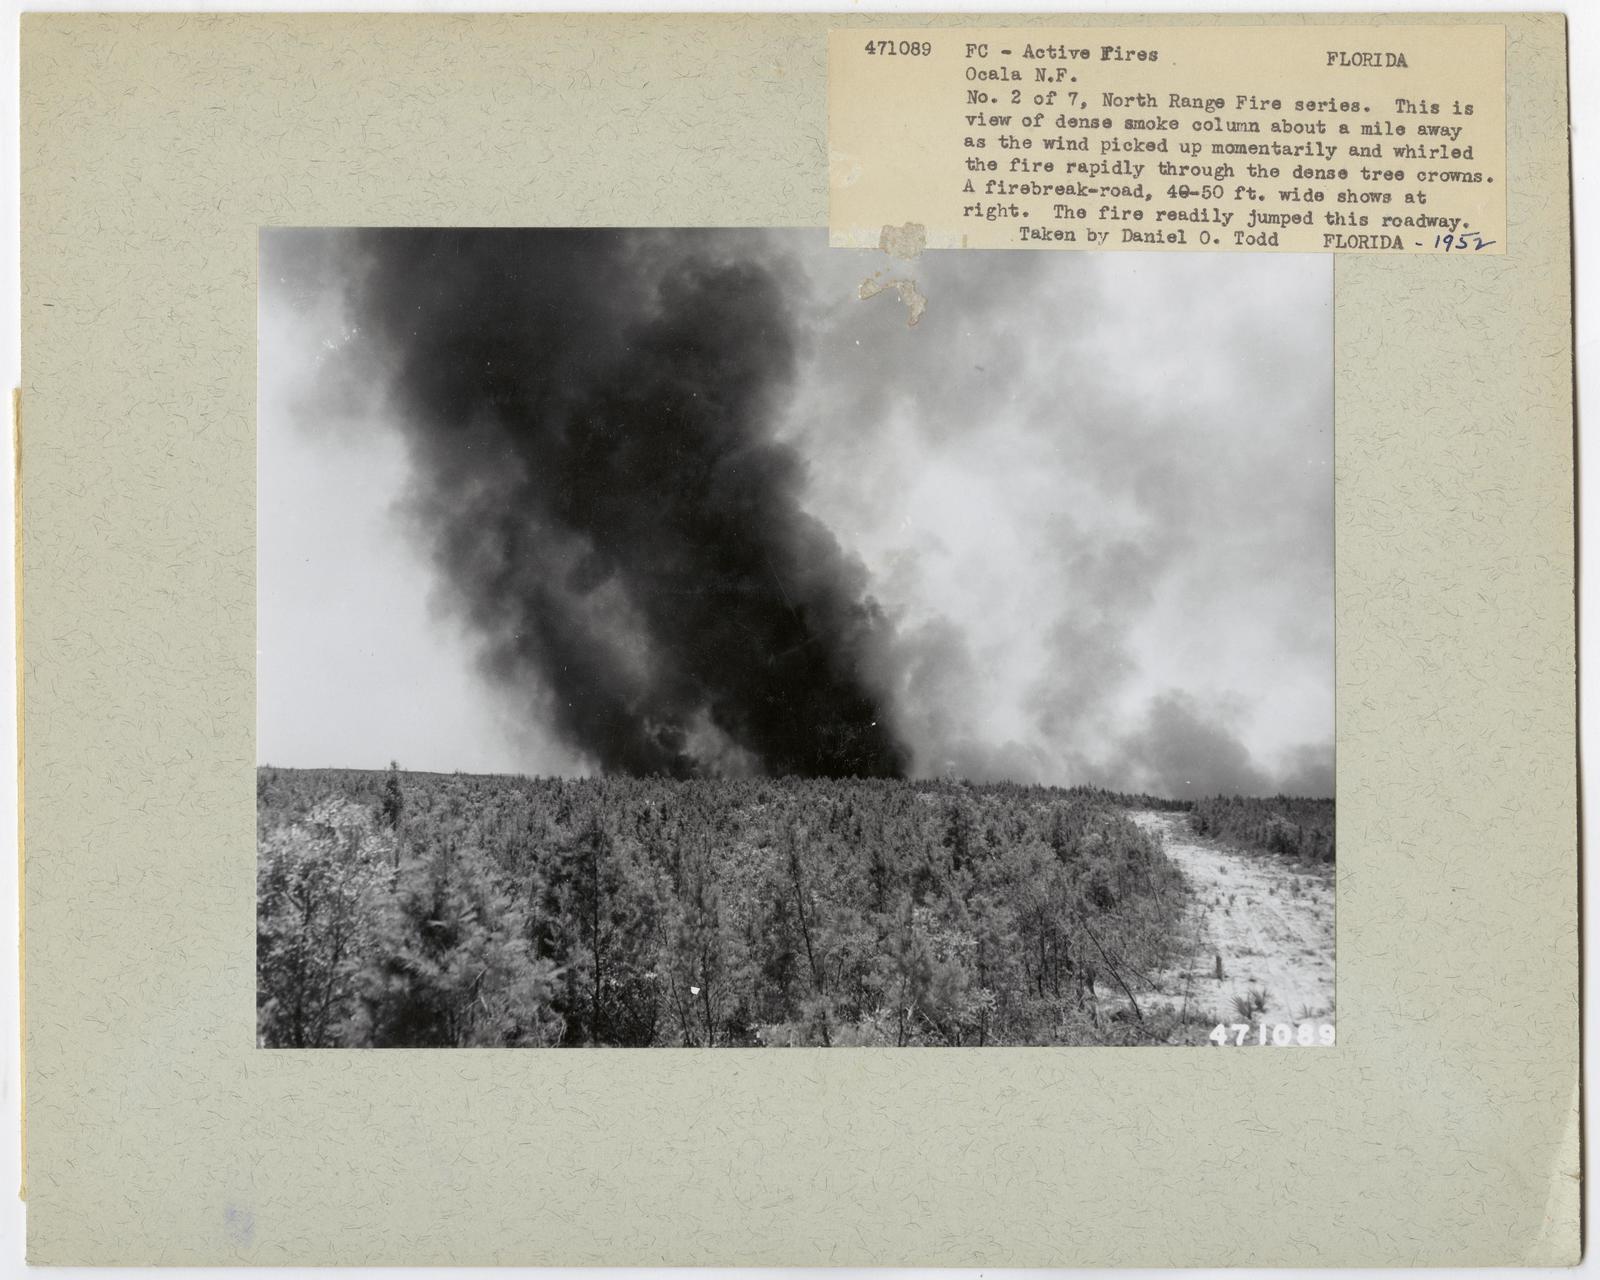 Active Fires - Florida